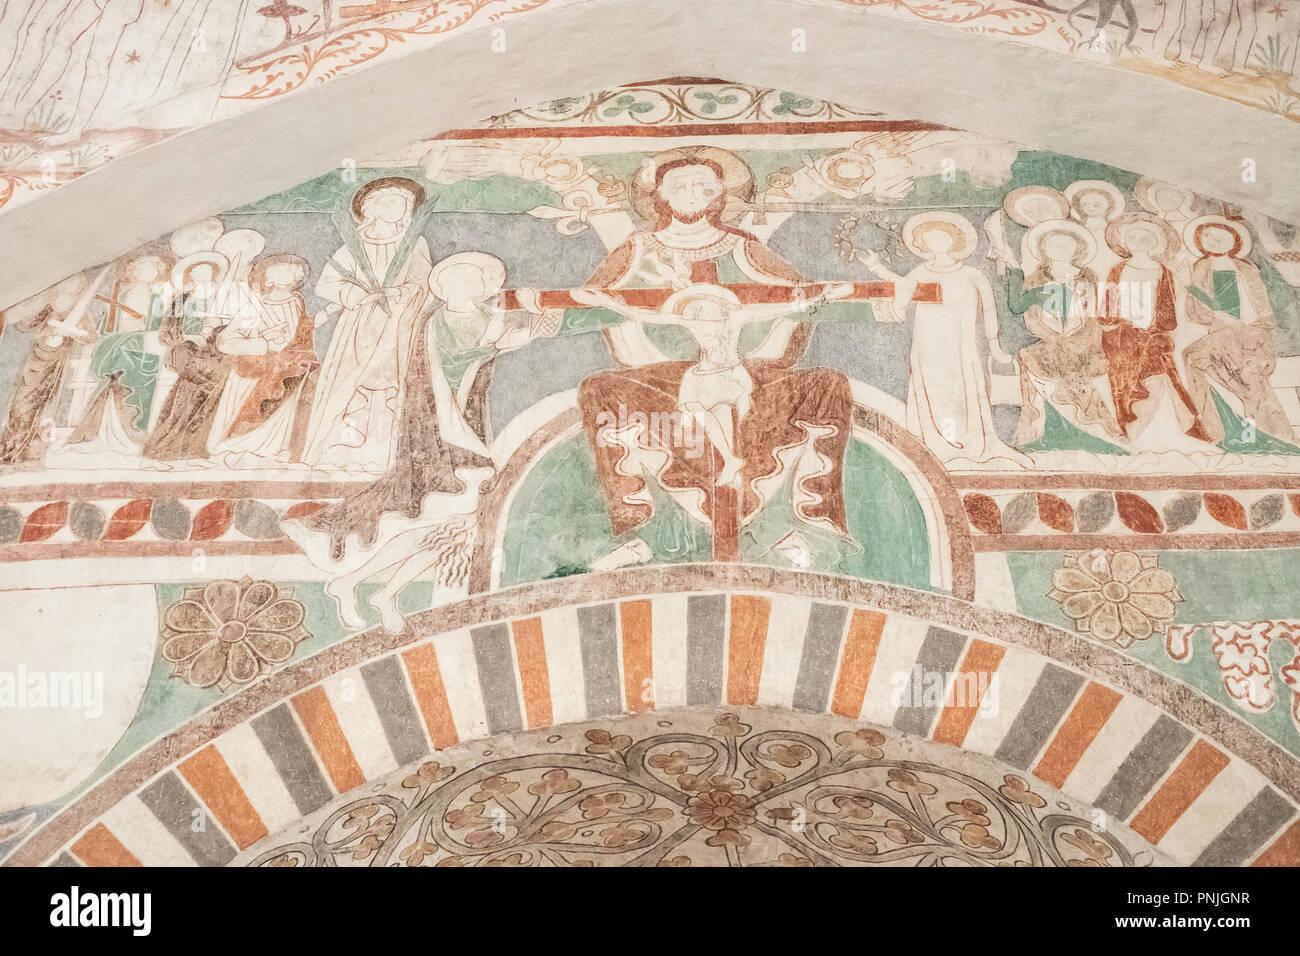 Innenansicht der Kirche Keldby mit Wandmalereien von der Elmelunde Master, Moen Island, Dänemark, Skandinavien, Europa. Stockbild